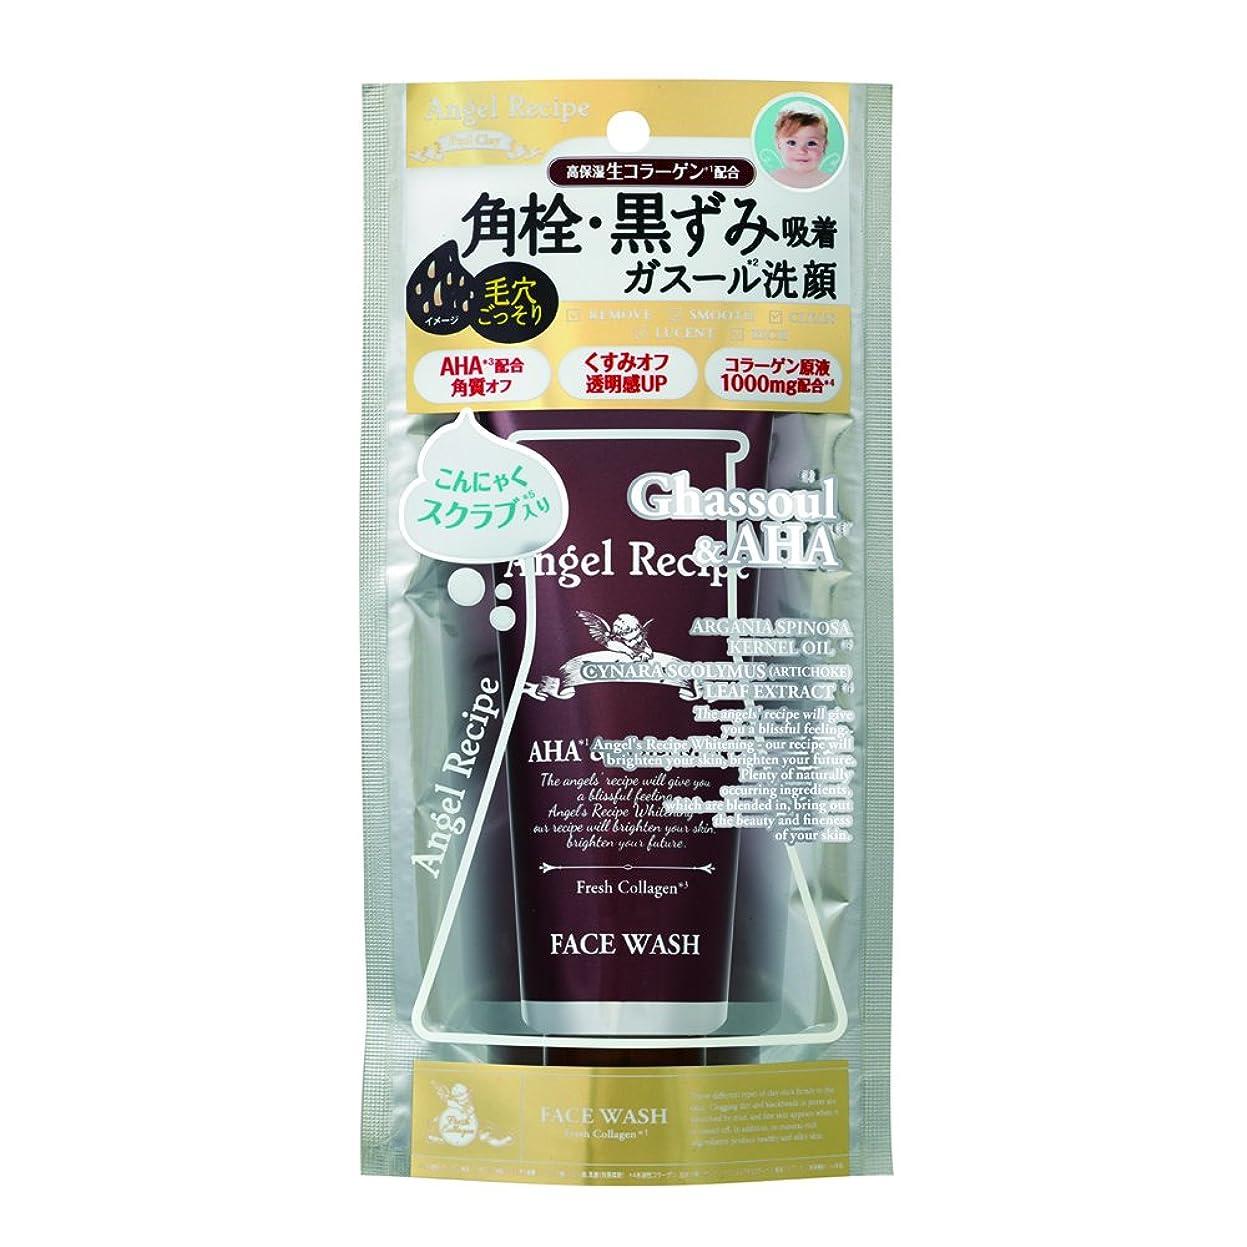 洞察力のあるルーチン標準エンジェルレシピ ピールクレイ 洗顔フォーム